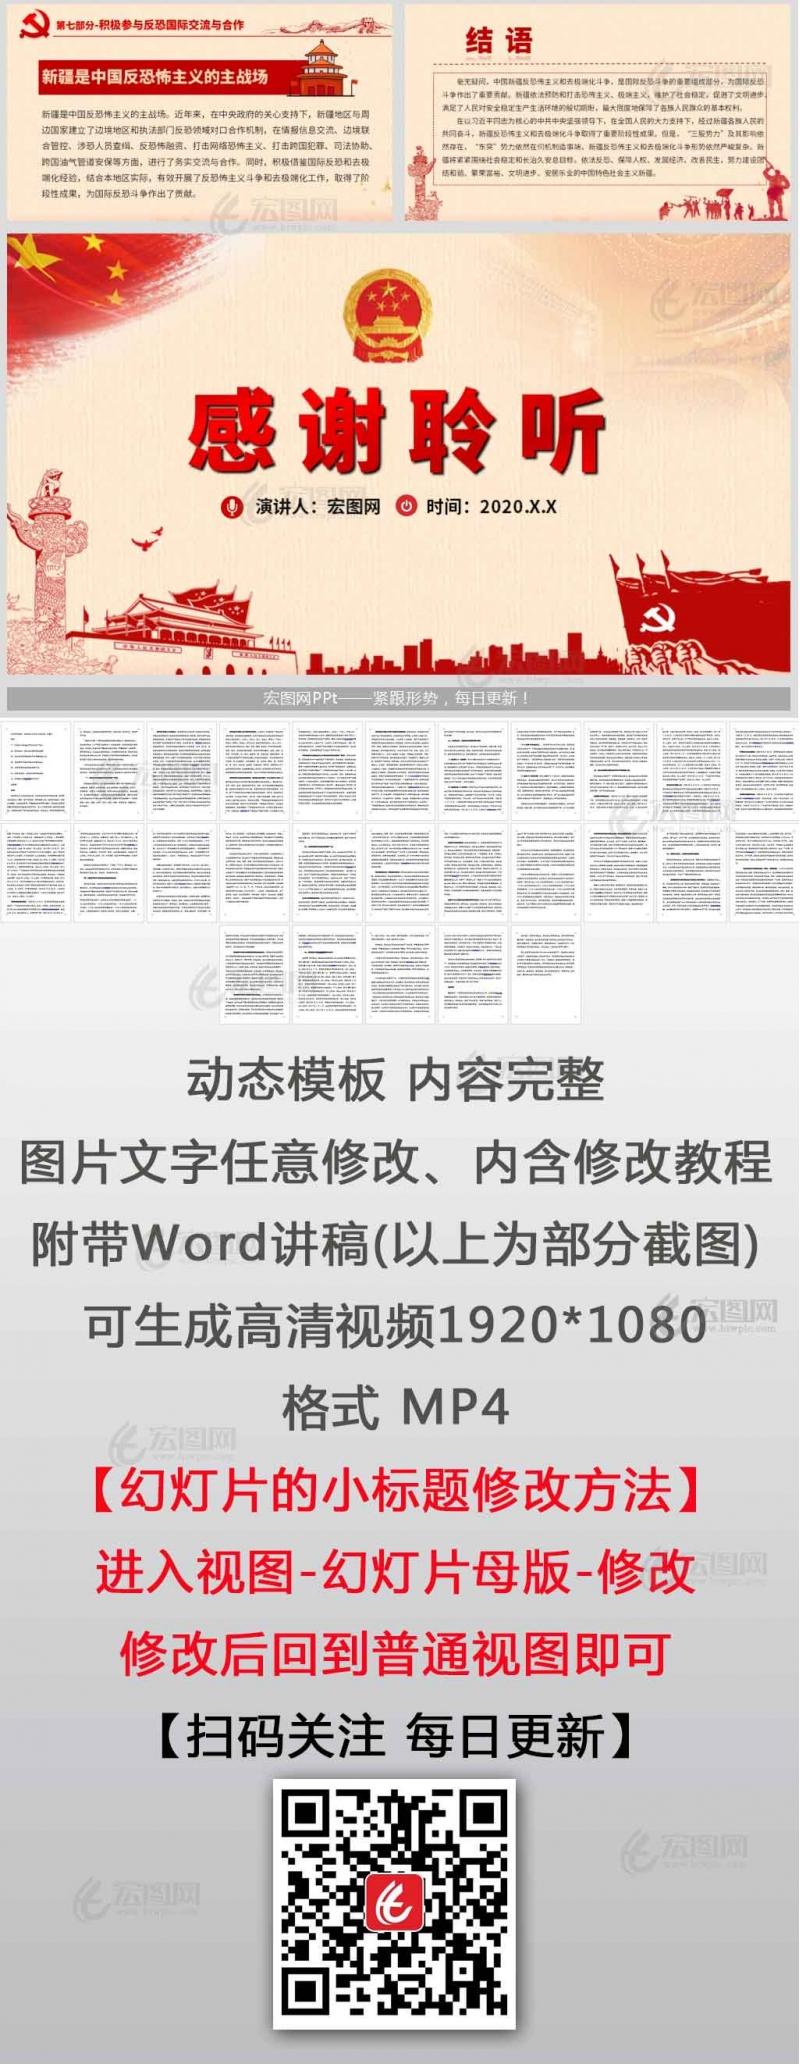 《新疆的反恐、去极端化斗争与人权保障》白皮书党课课件PPT